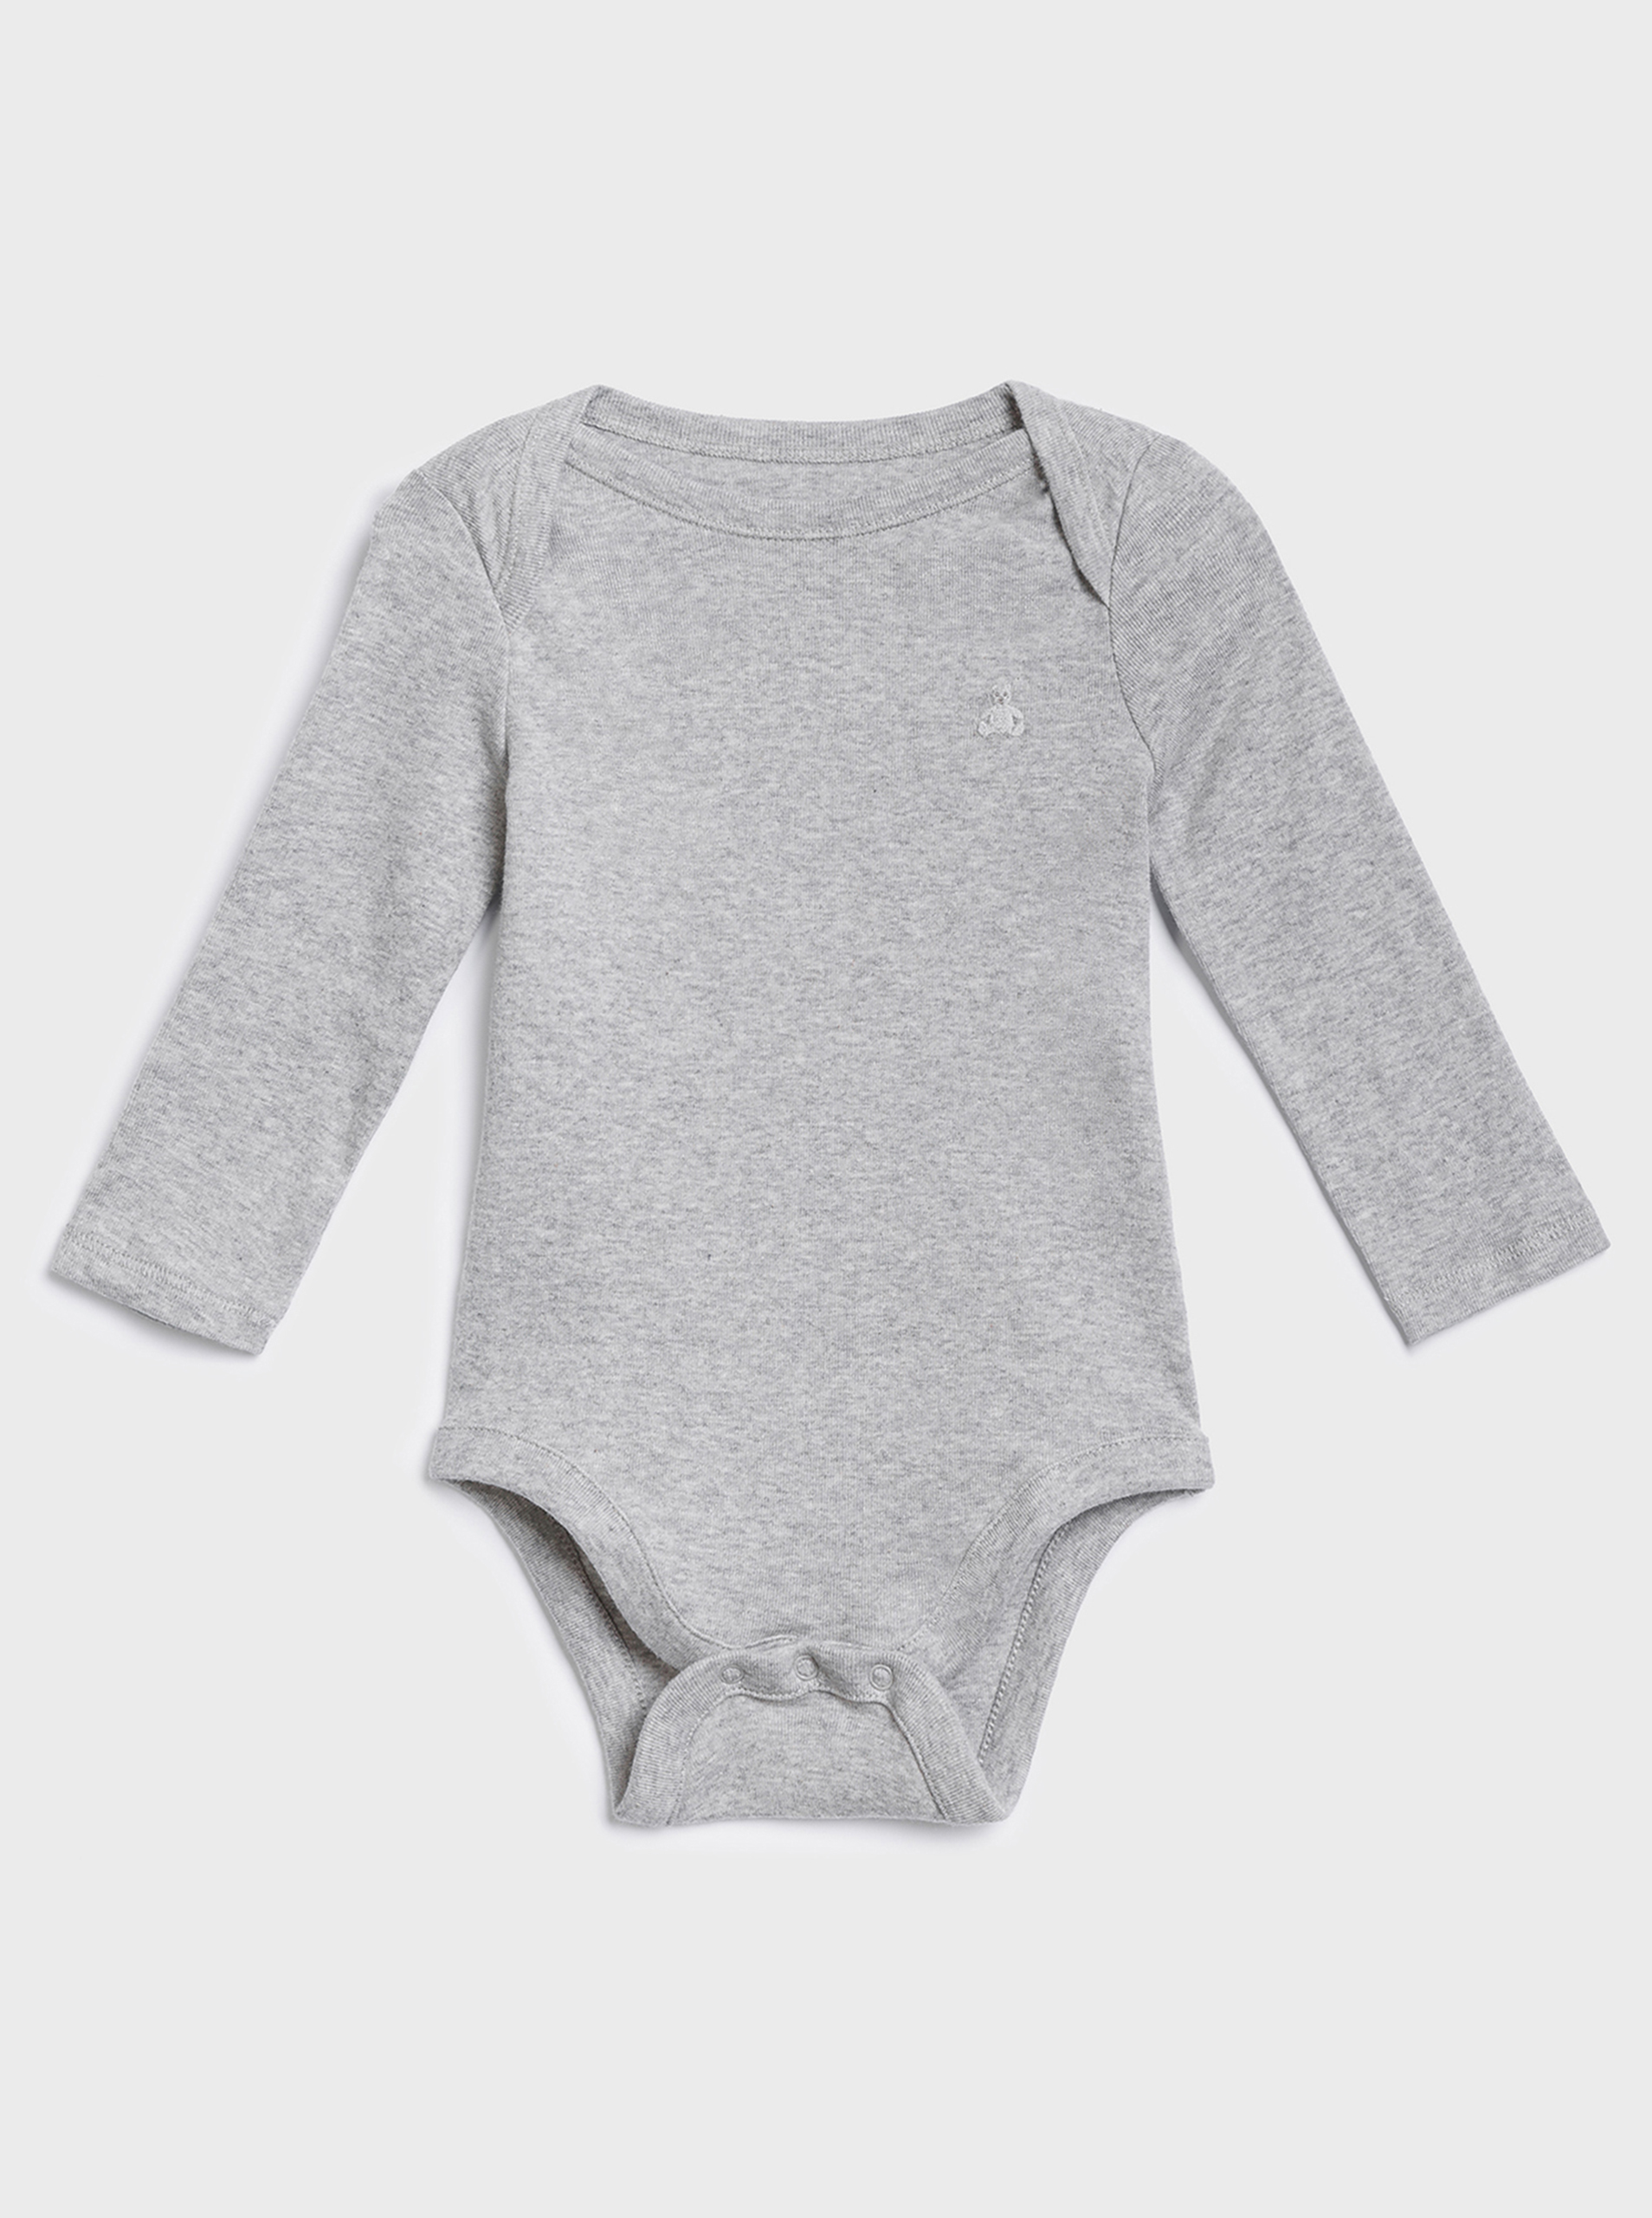 GAP Maglietta bambino grigio